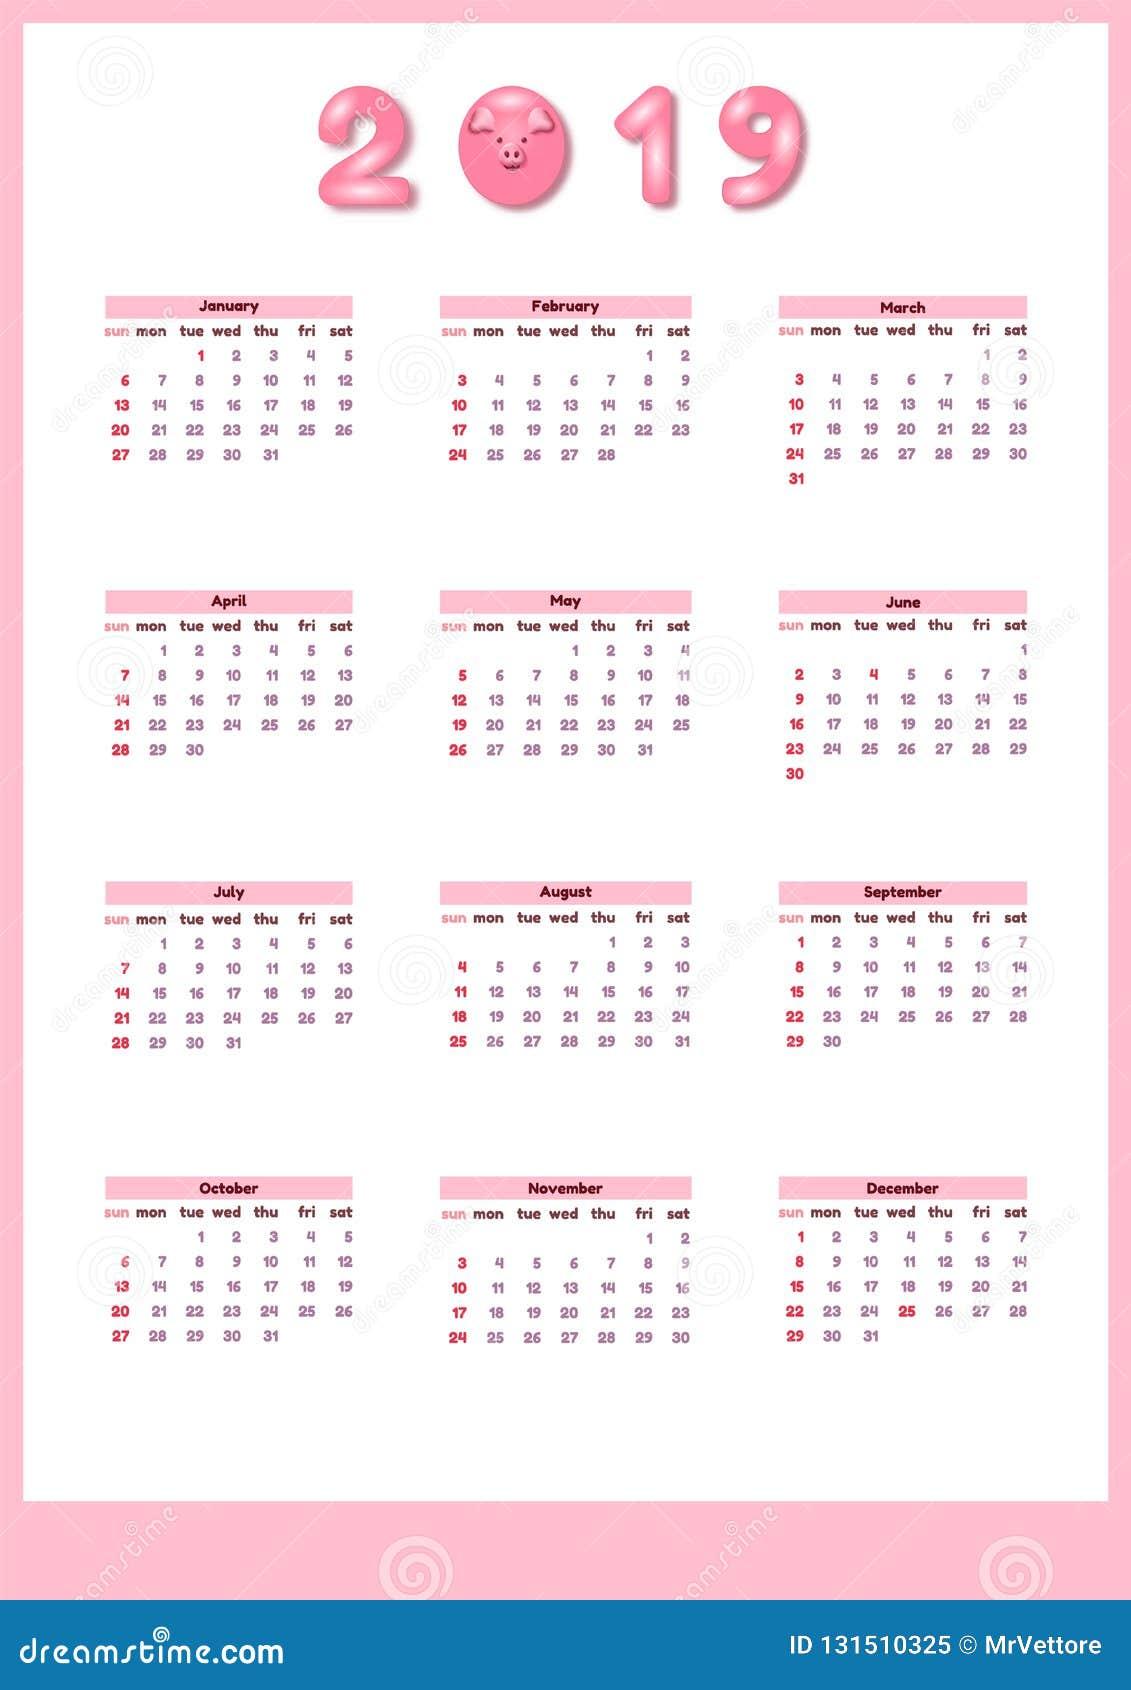 Calendario Dezembro 2019 Bonito.Calendario Para 2019 Com O Porco Cor De Rosa Bonito Da Cor